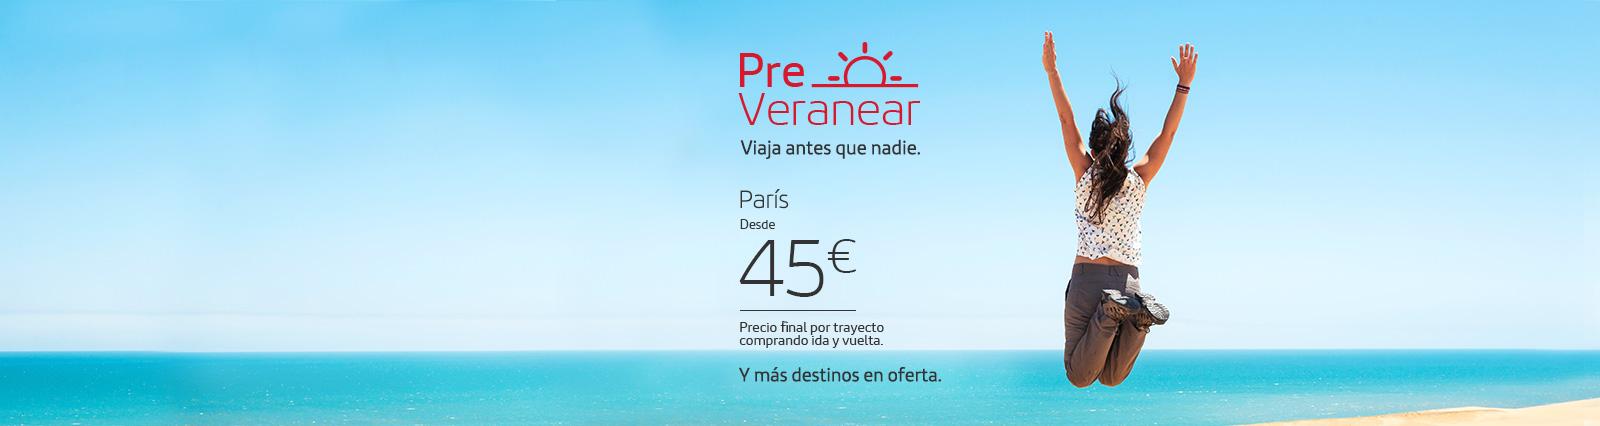 home_slider_prepost_veraneo_abr16_es_01